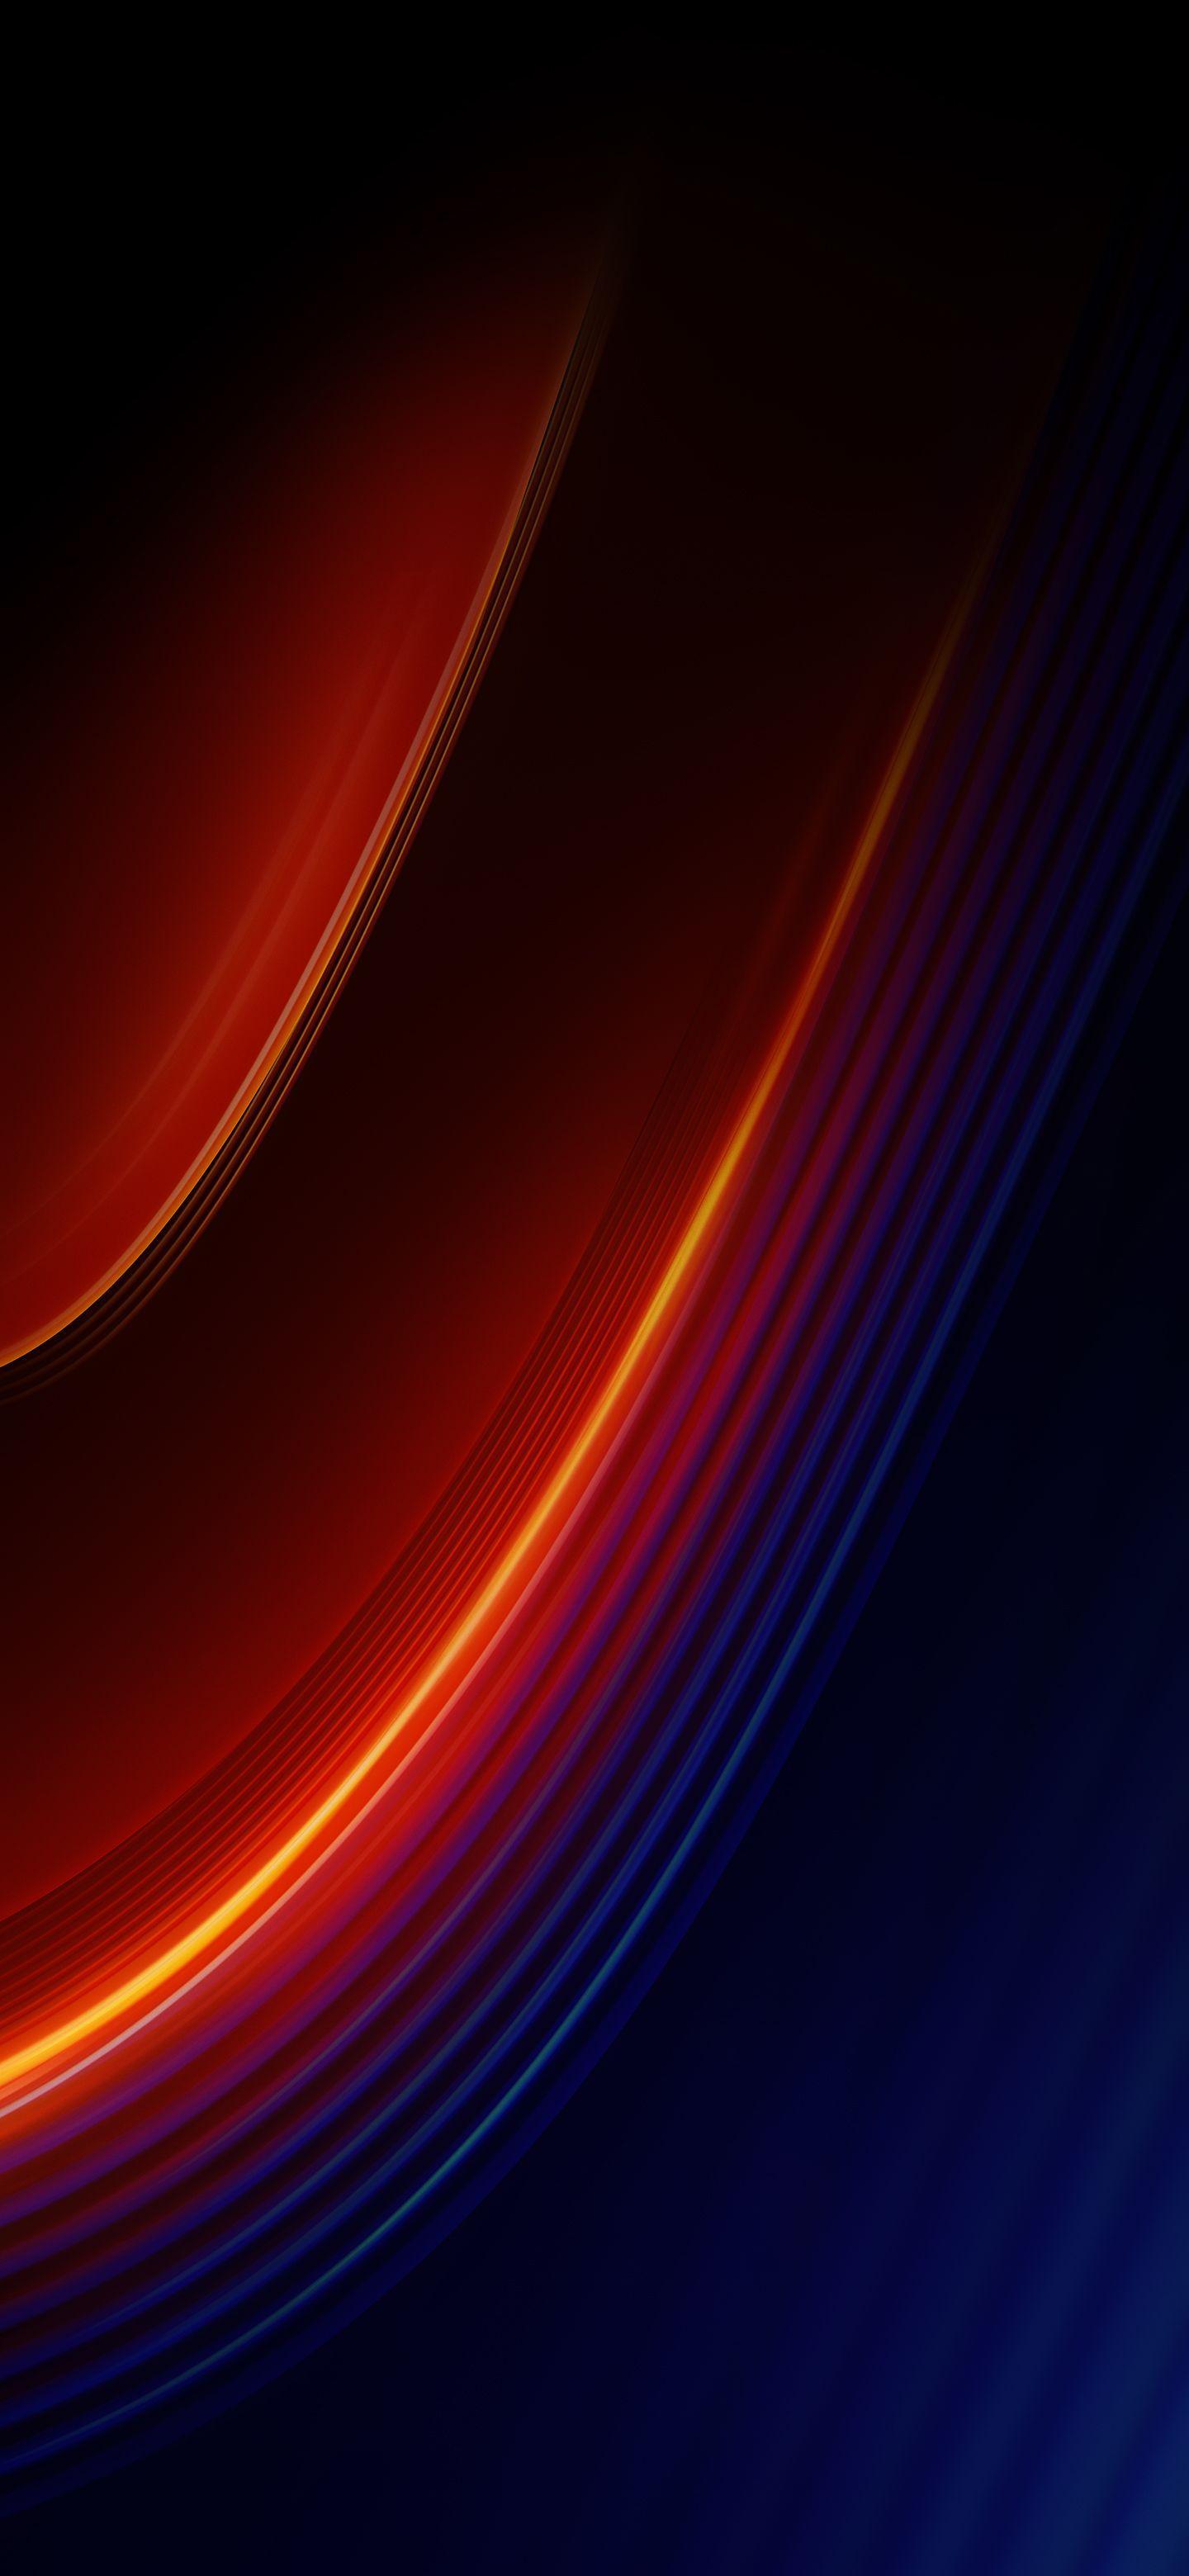 OnePlus McLaren Wallpapers - Top Free OnePlus McLaren ...